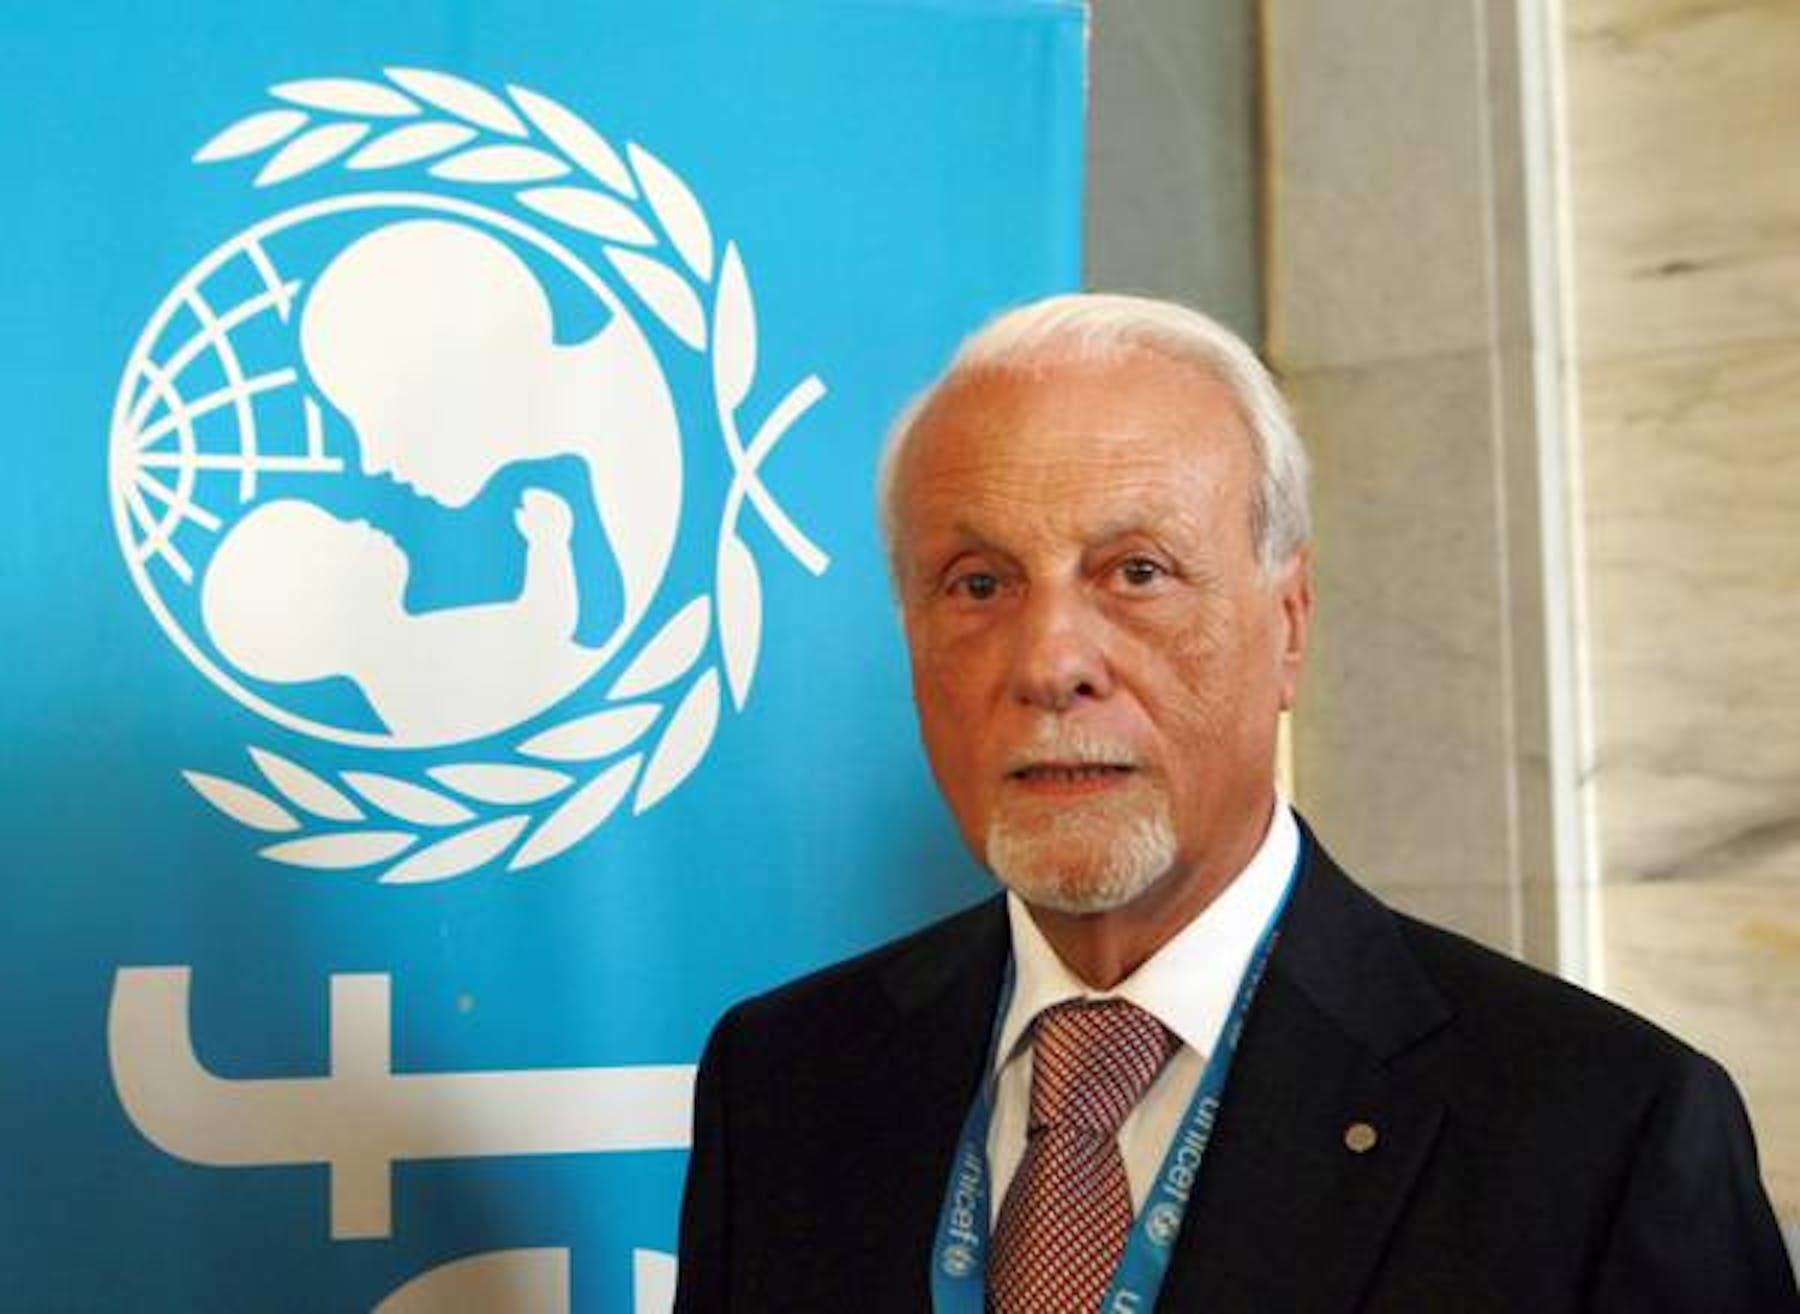 Giacomo Guerrera, confermato nella carica di Presidente dell'UNICEF Italia per il triennio 2014-2016